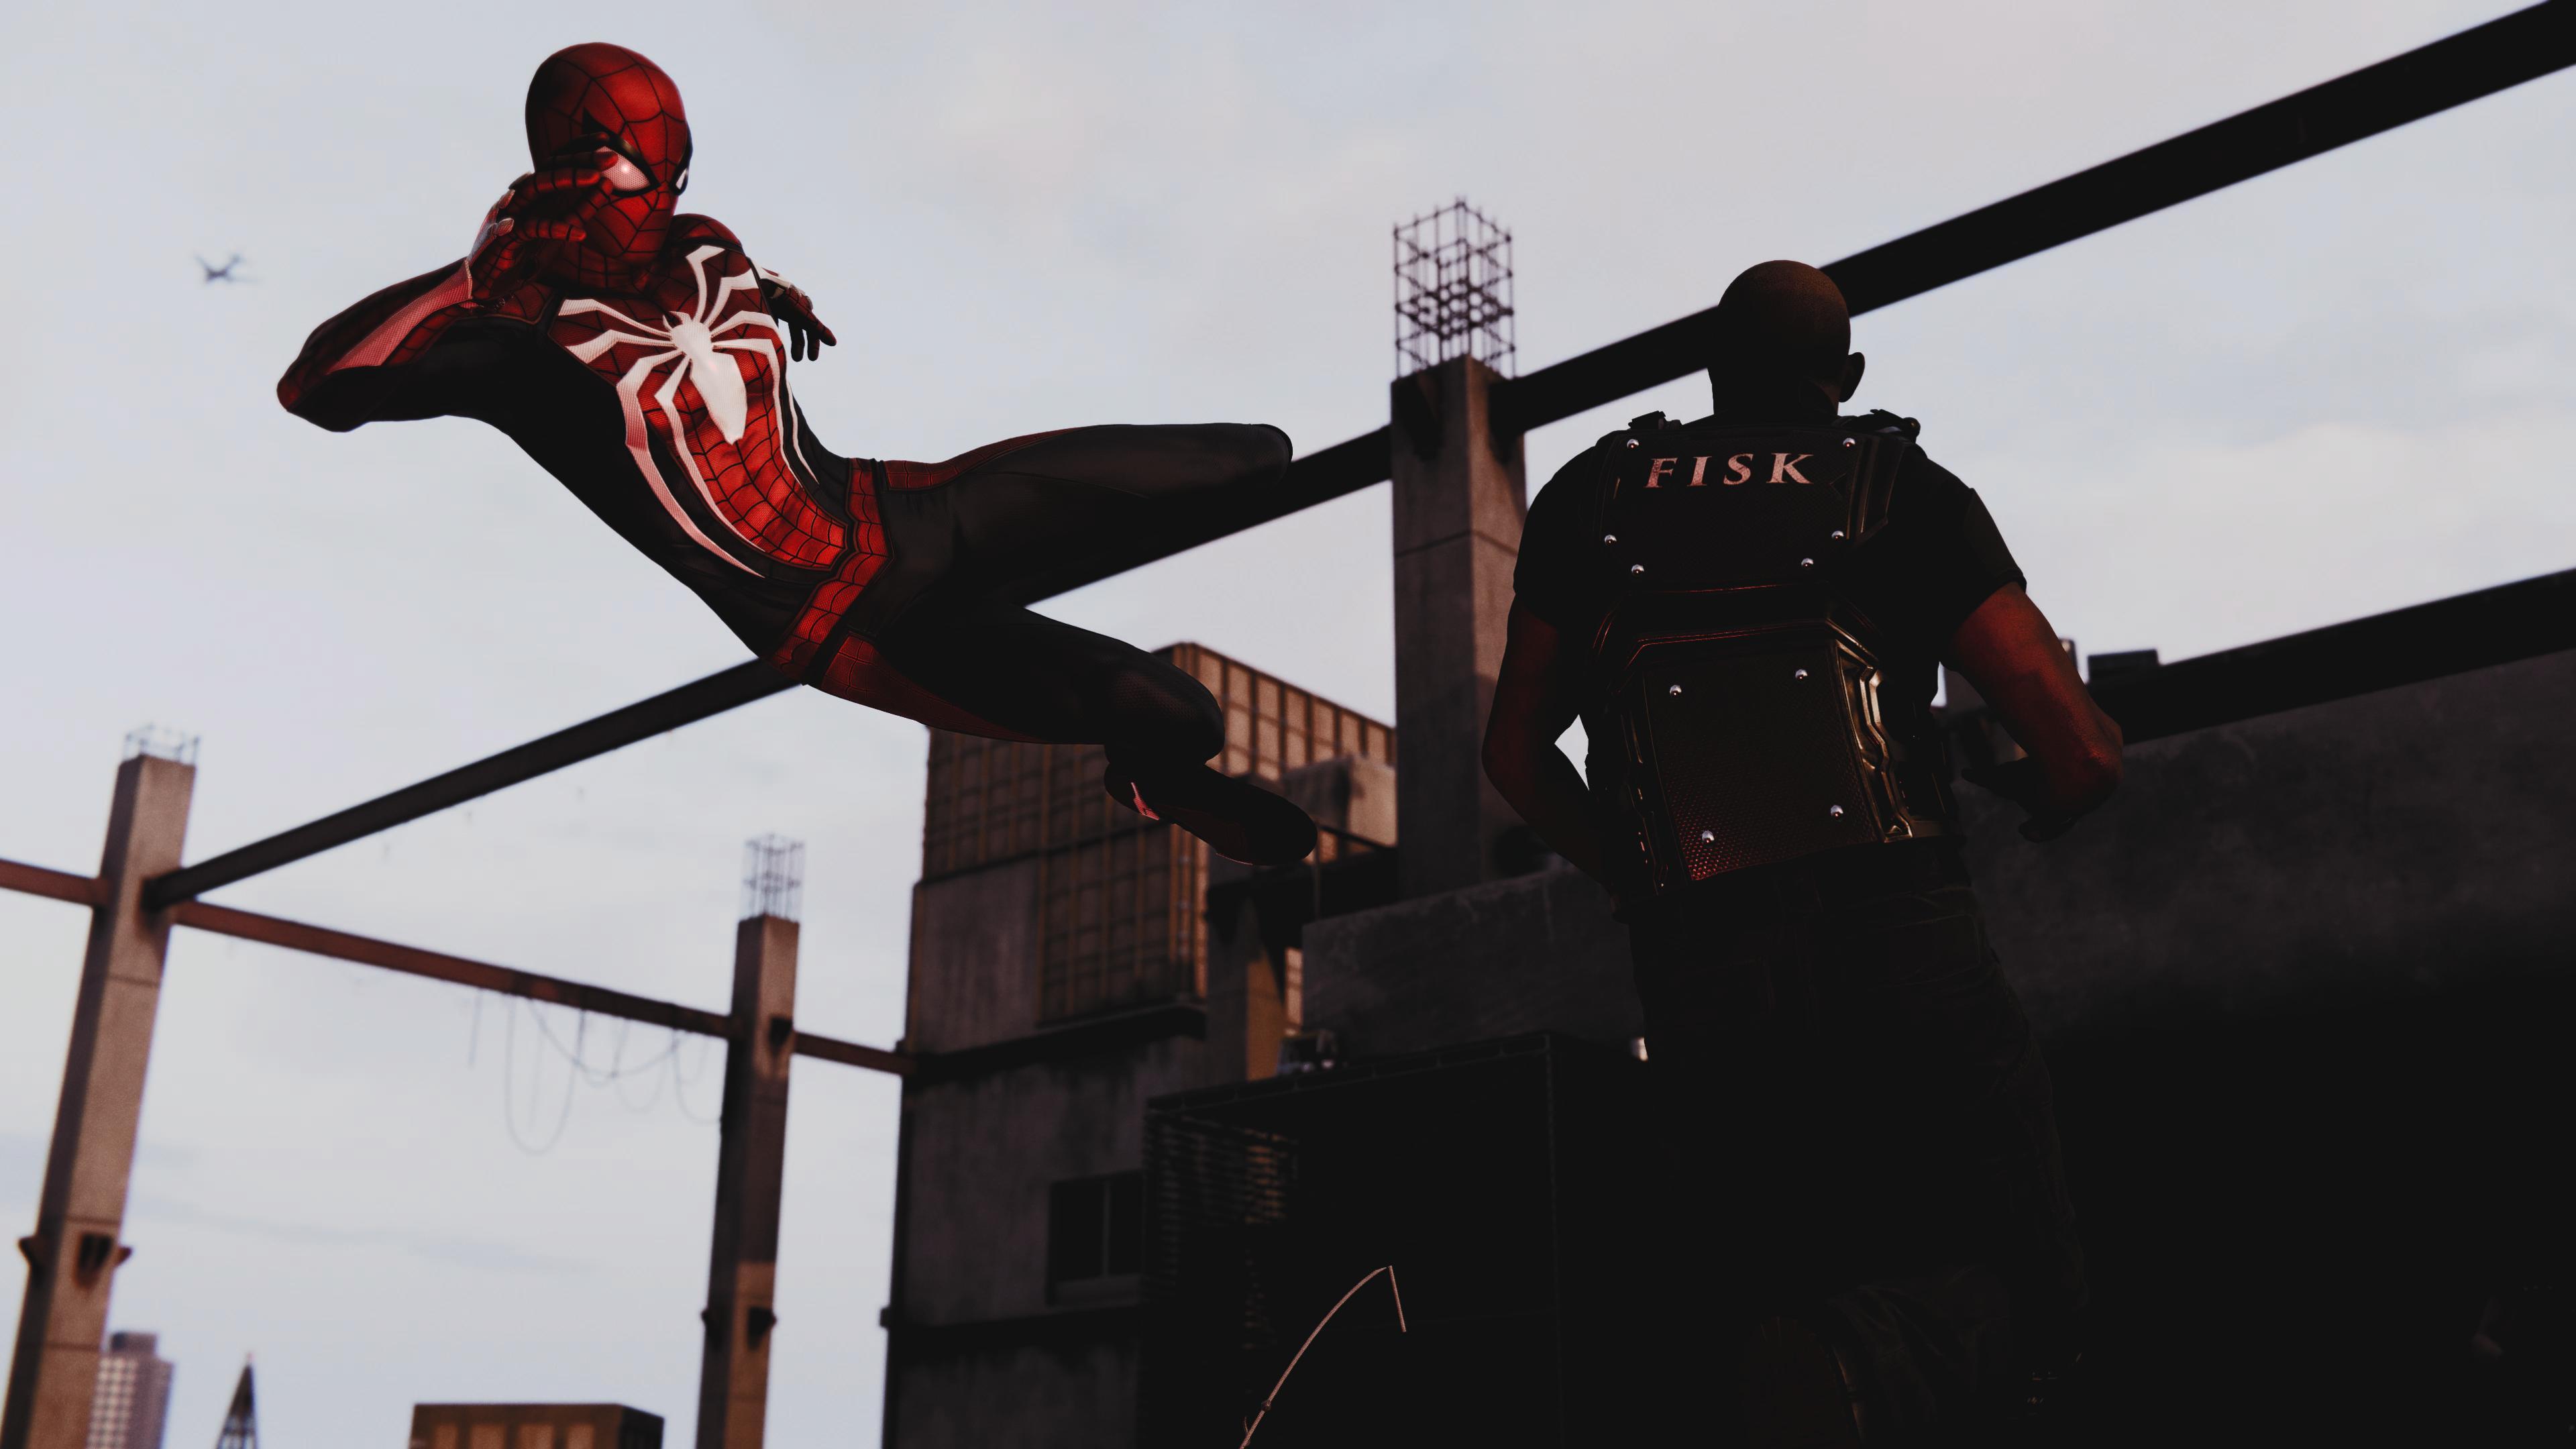 https://i.ibb.co/wwHL3jF/Marvel-s-Spider-Man-Remastered-20210511201138.jpg